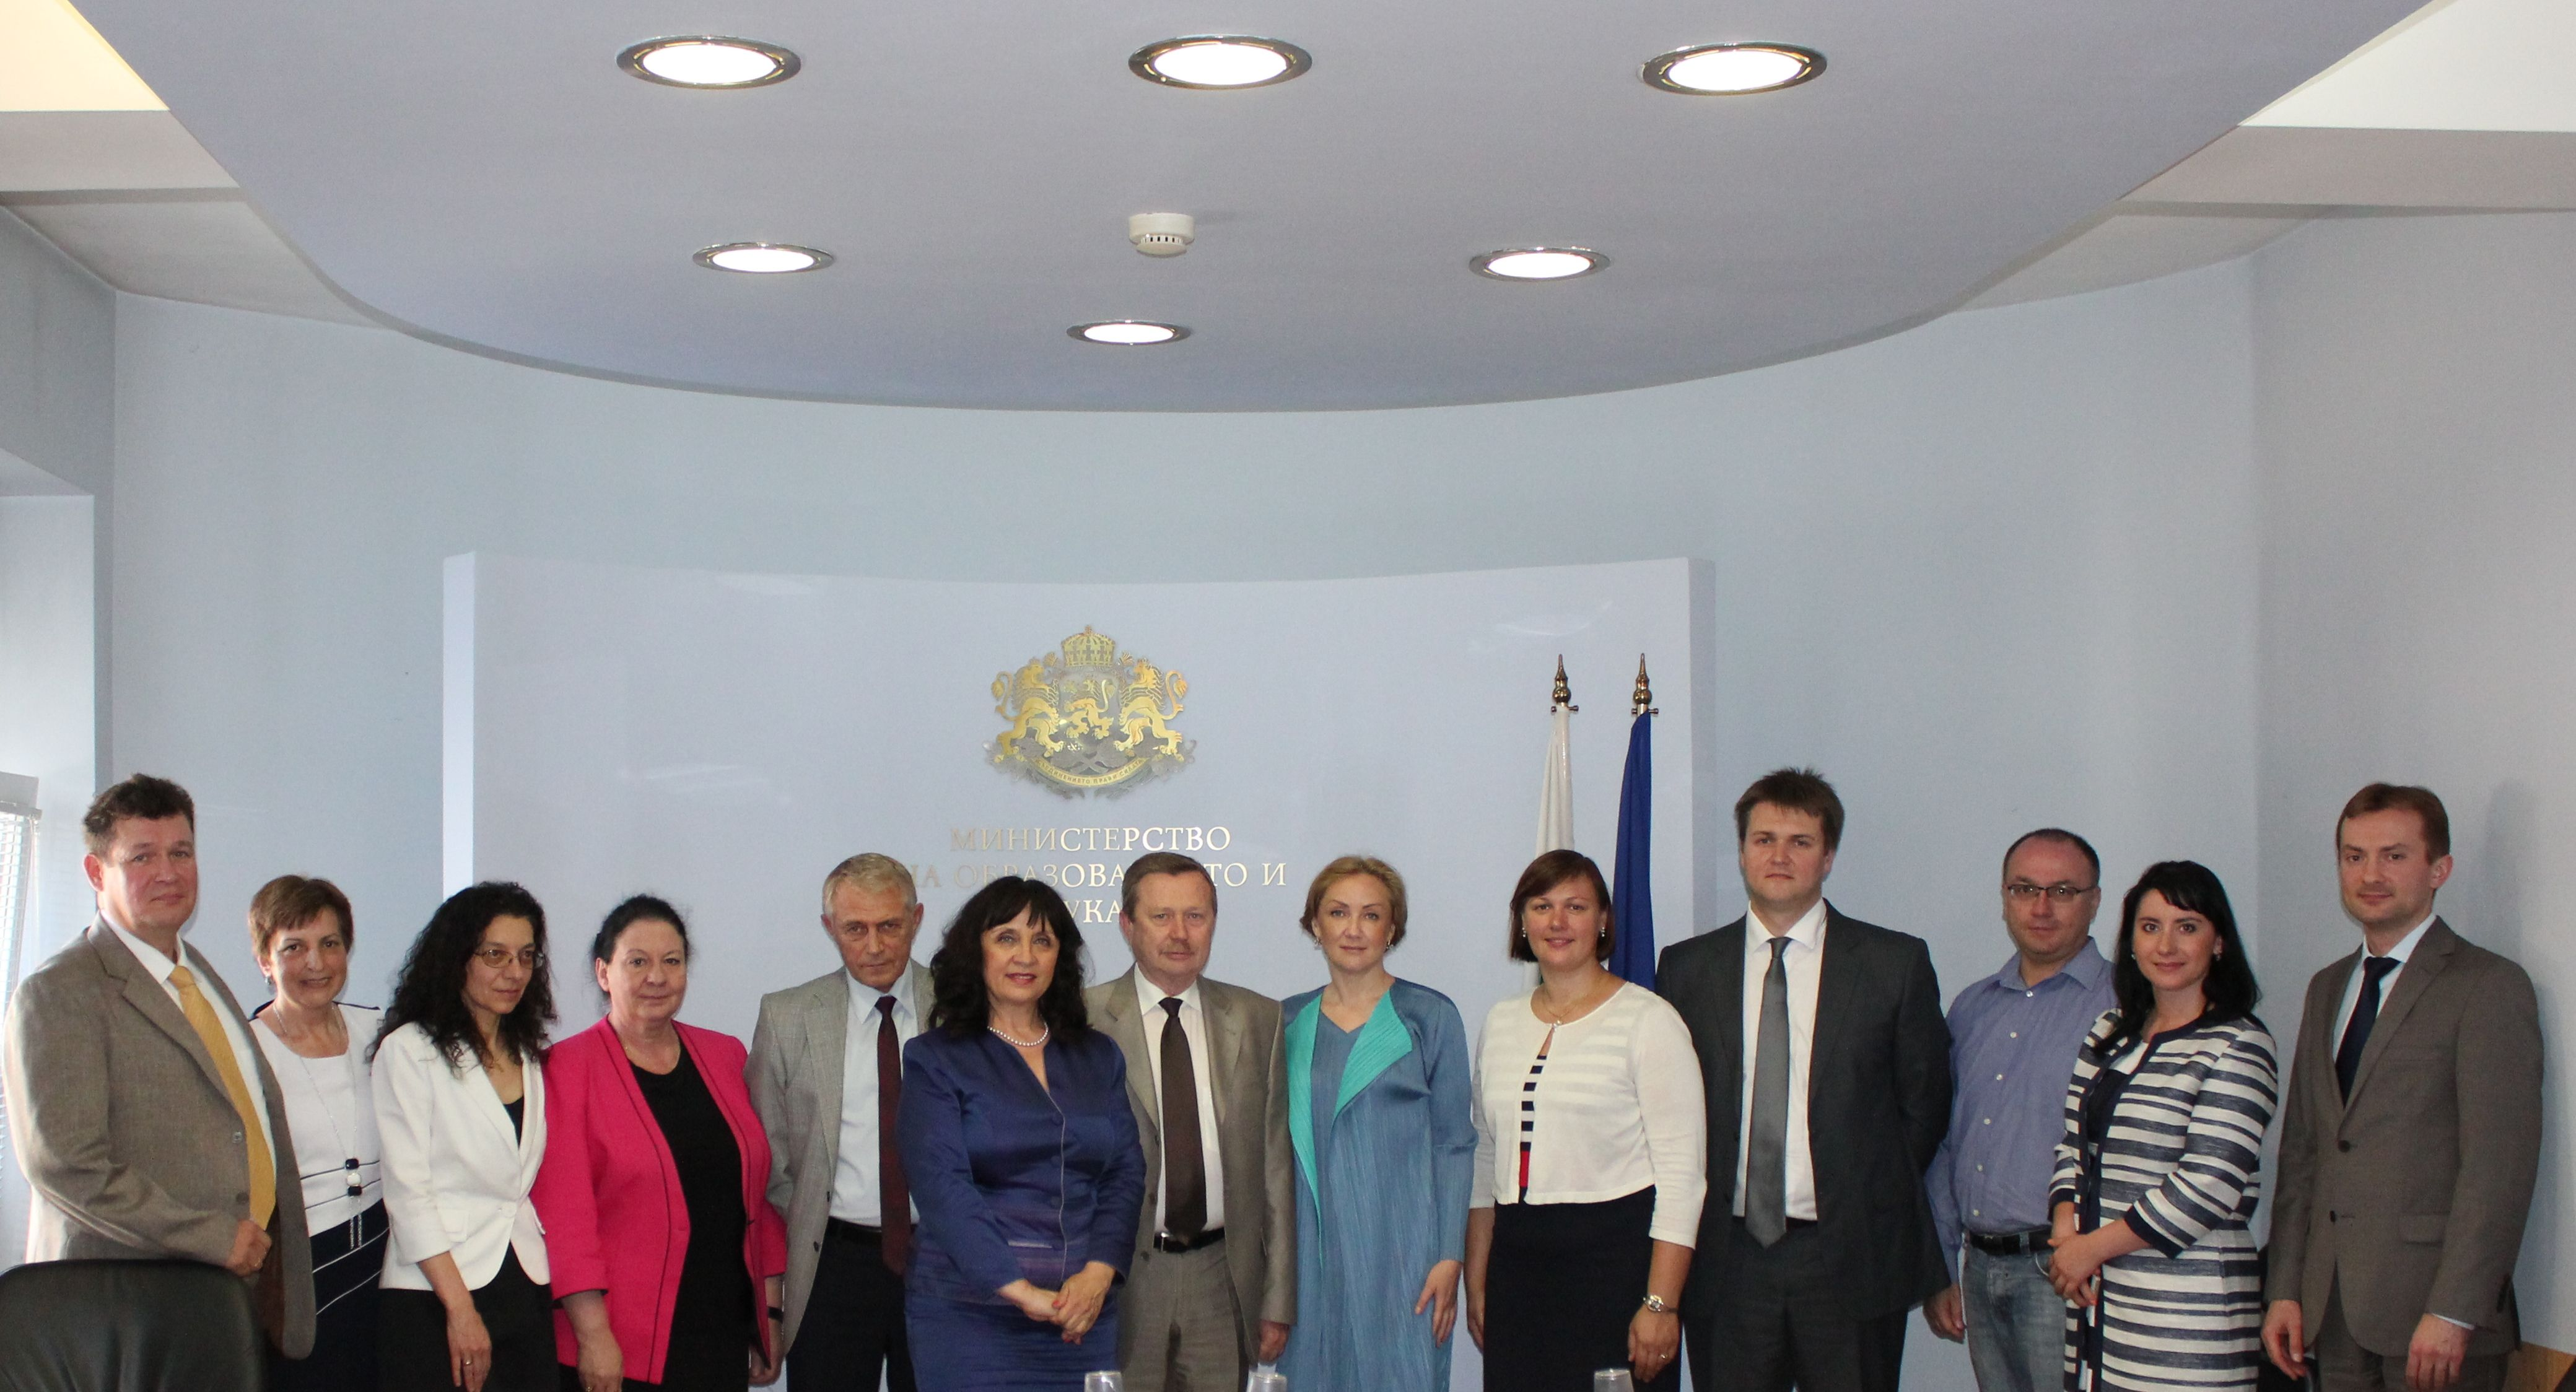 Значението на тази среща е голямо за България, защото според организаторите това означава, че българските преподаватели-русисти са високо ценени.